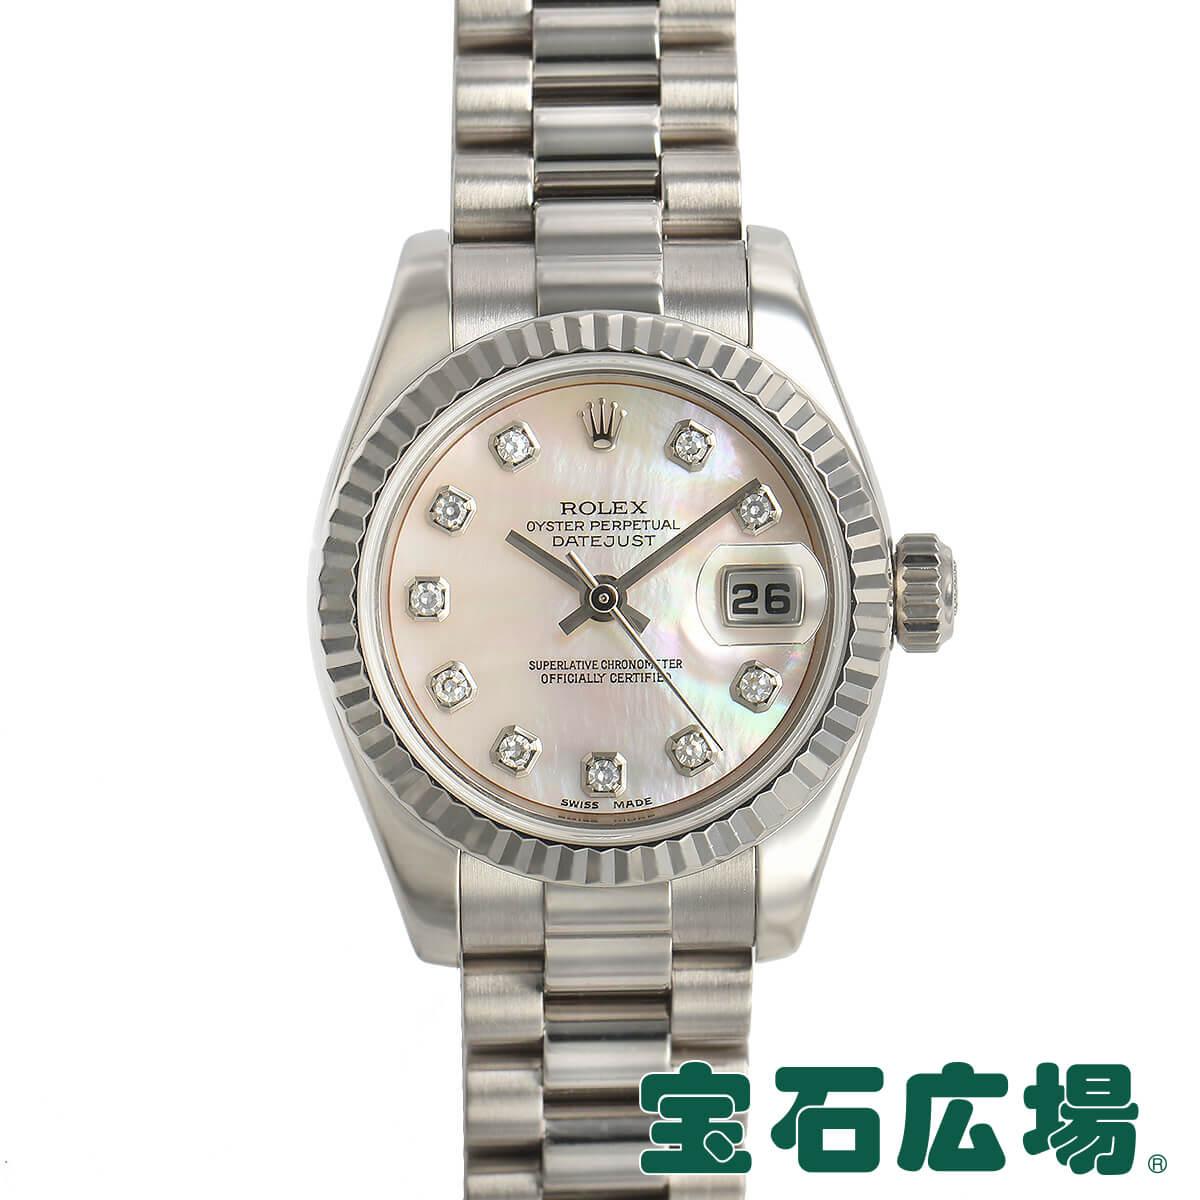 ロレックス ROLEX デイトジャスト 179179NG【中古】レディース 腕時計 送料・代引手数料無料